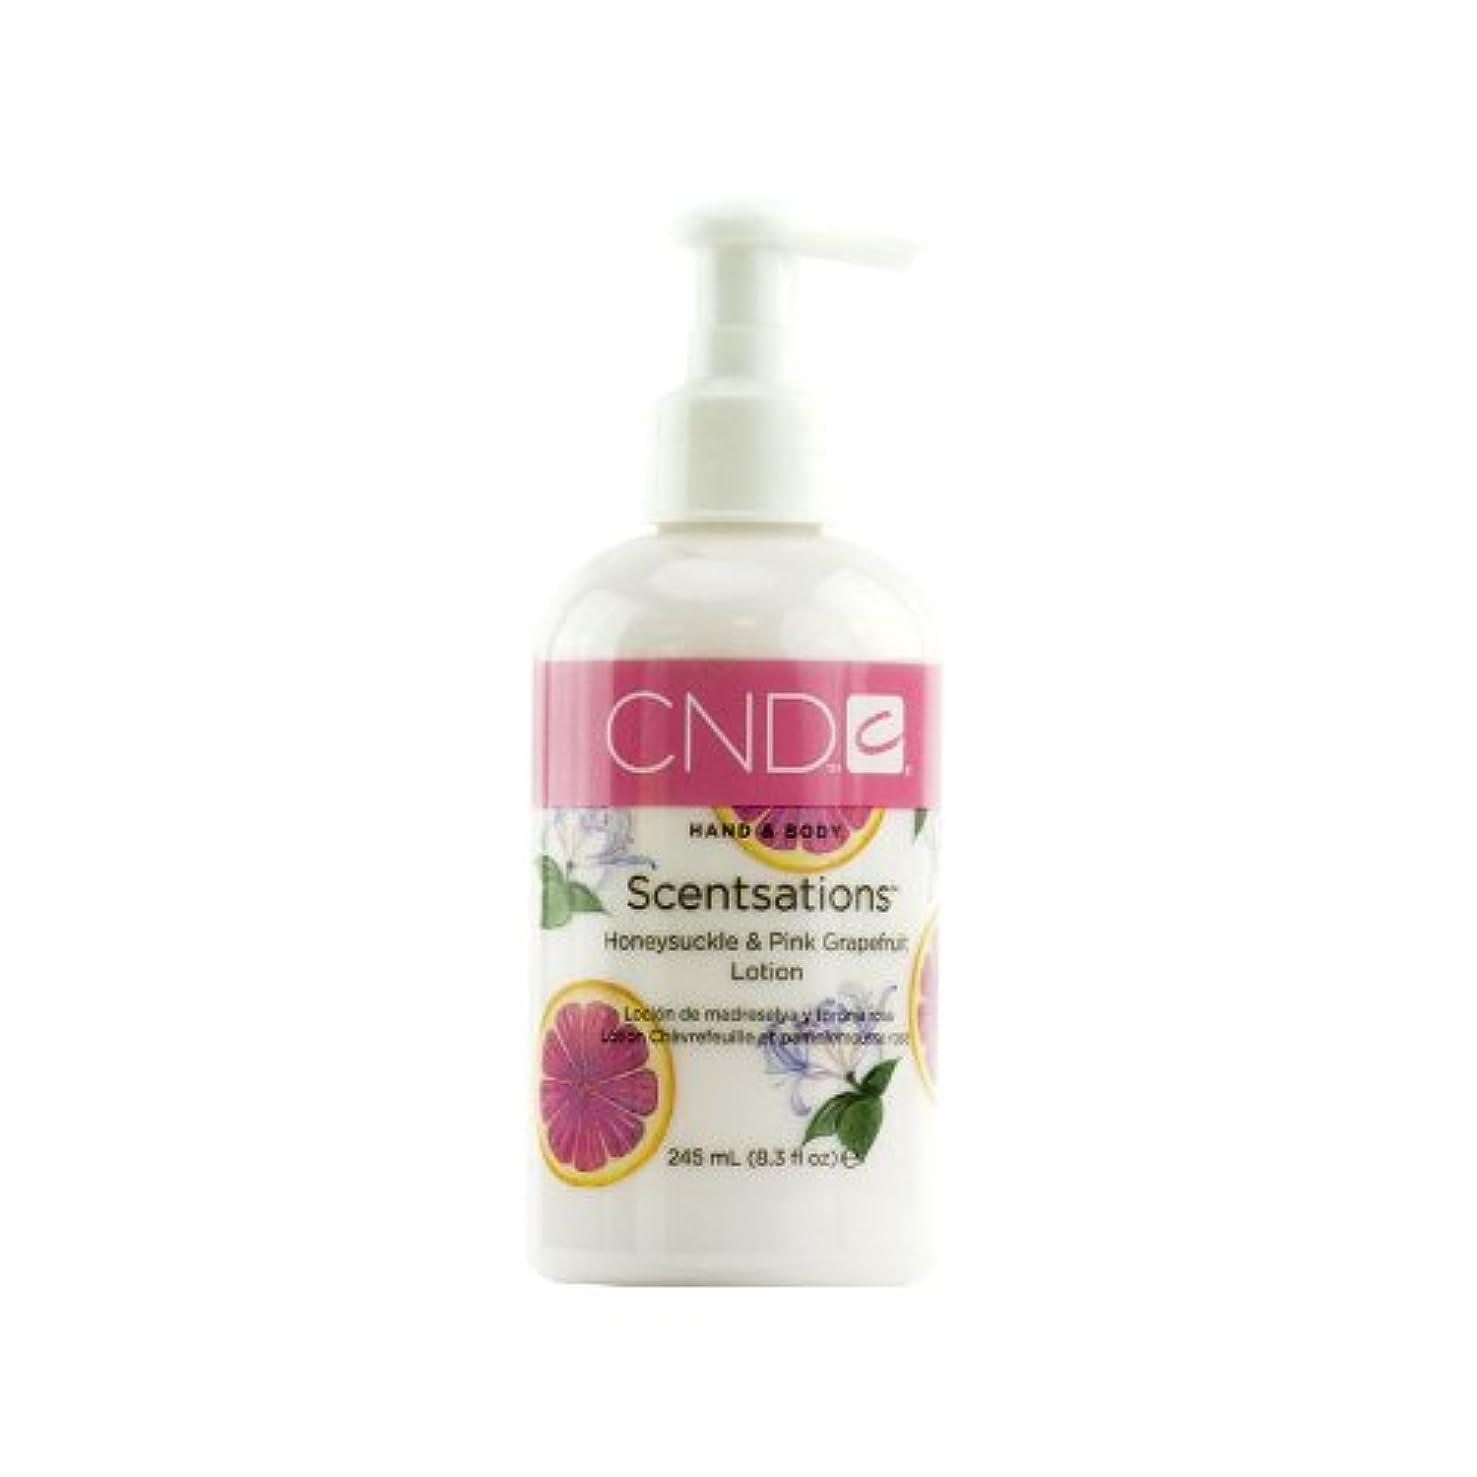 CND センセーション ハンド&ボディローション ハニーサックル&ピンクグレープフルーツ 245ml みずみずしいフェミニンな香り